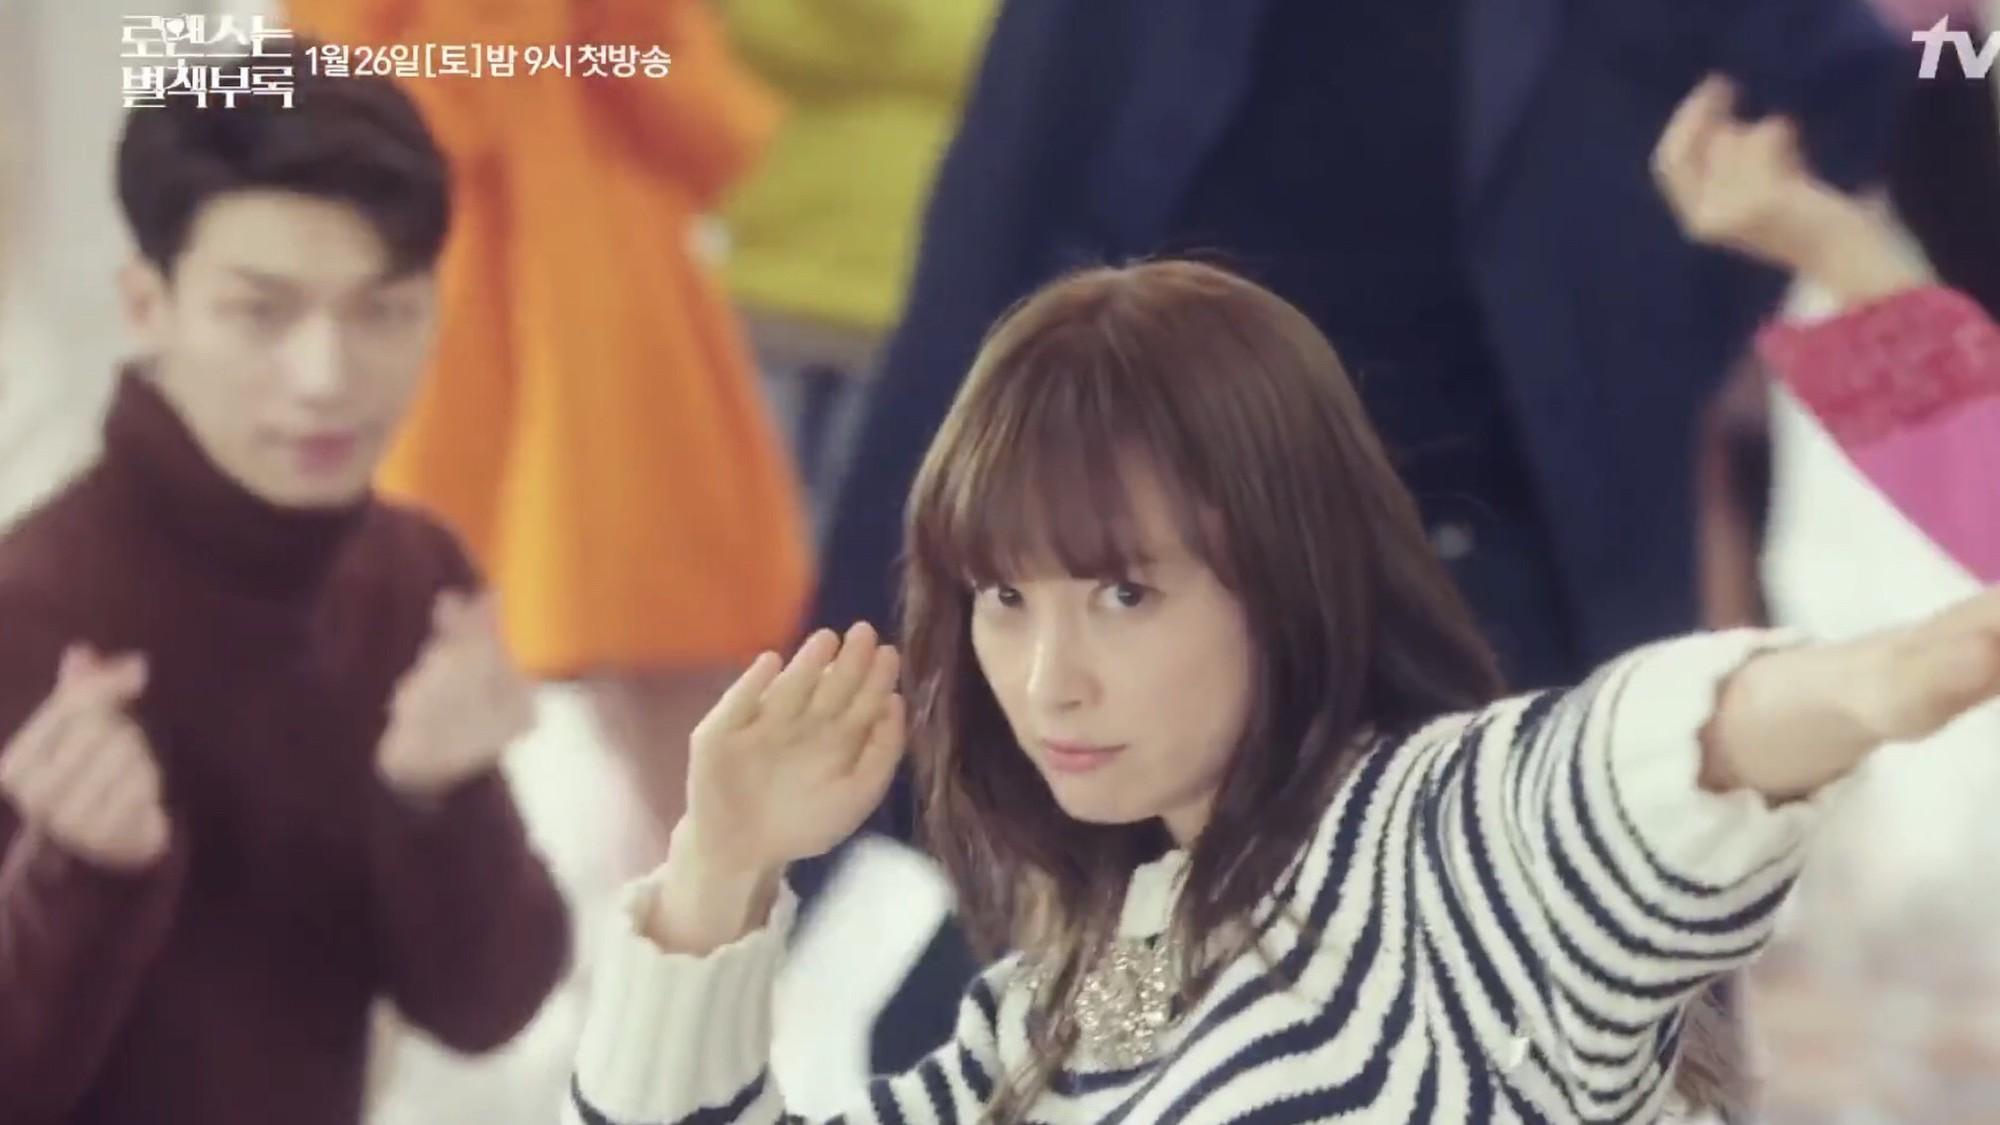 Vợ mỹ nhân của Won Bin ở tuổi U40 vẫn nhún nhảy tưng bừng ăn đứt Lee Jong Suk - Ảnh 5.